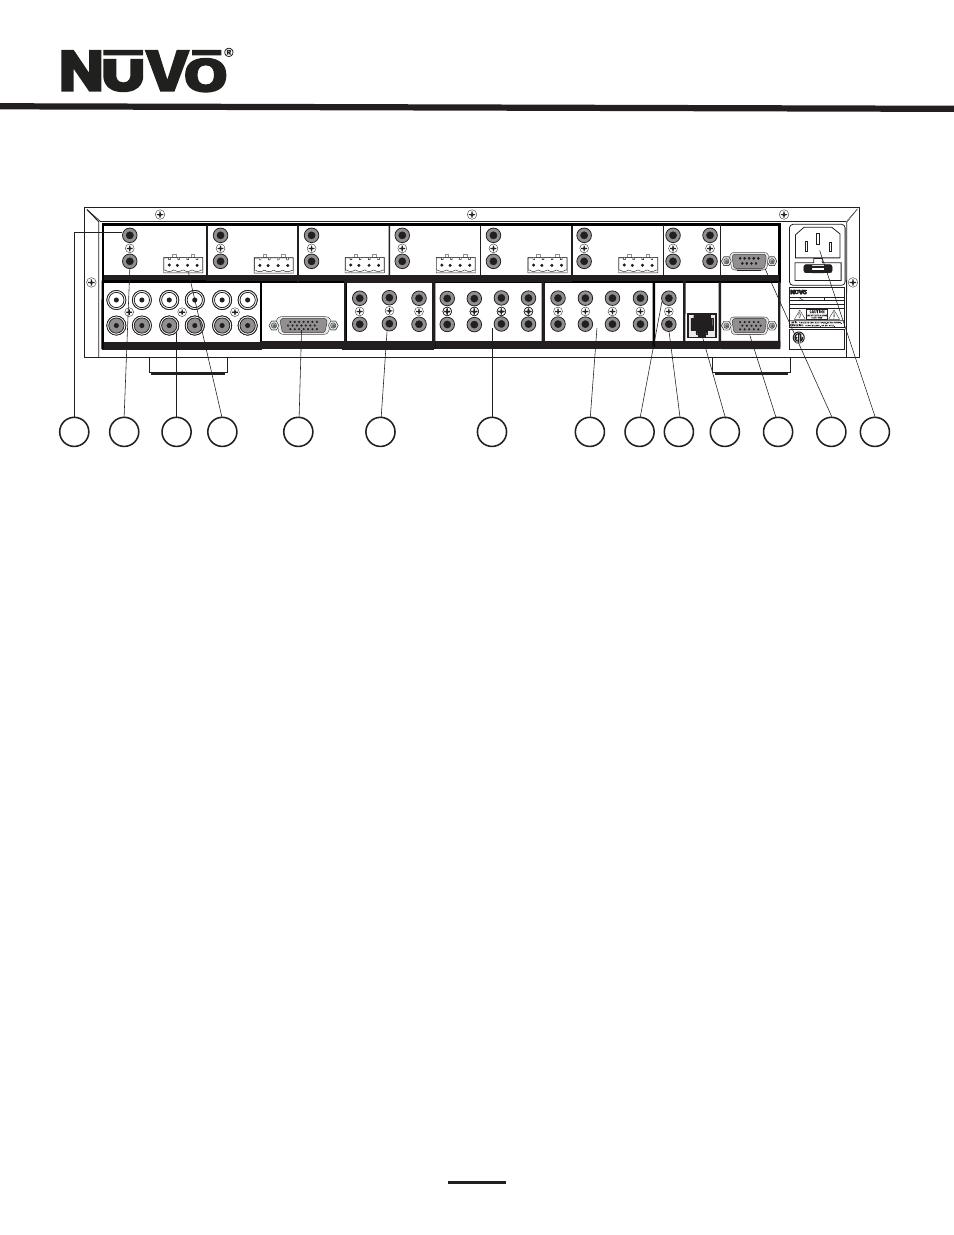 grand concerto back panel nuvo essentia nv e6gxs user manual rh manualsdir com Nuvo Grand Concerto Software Nuvo Grand Concerto Nv-18Gezp